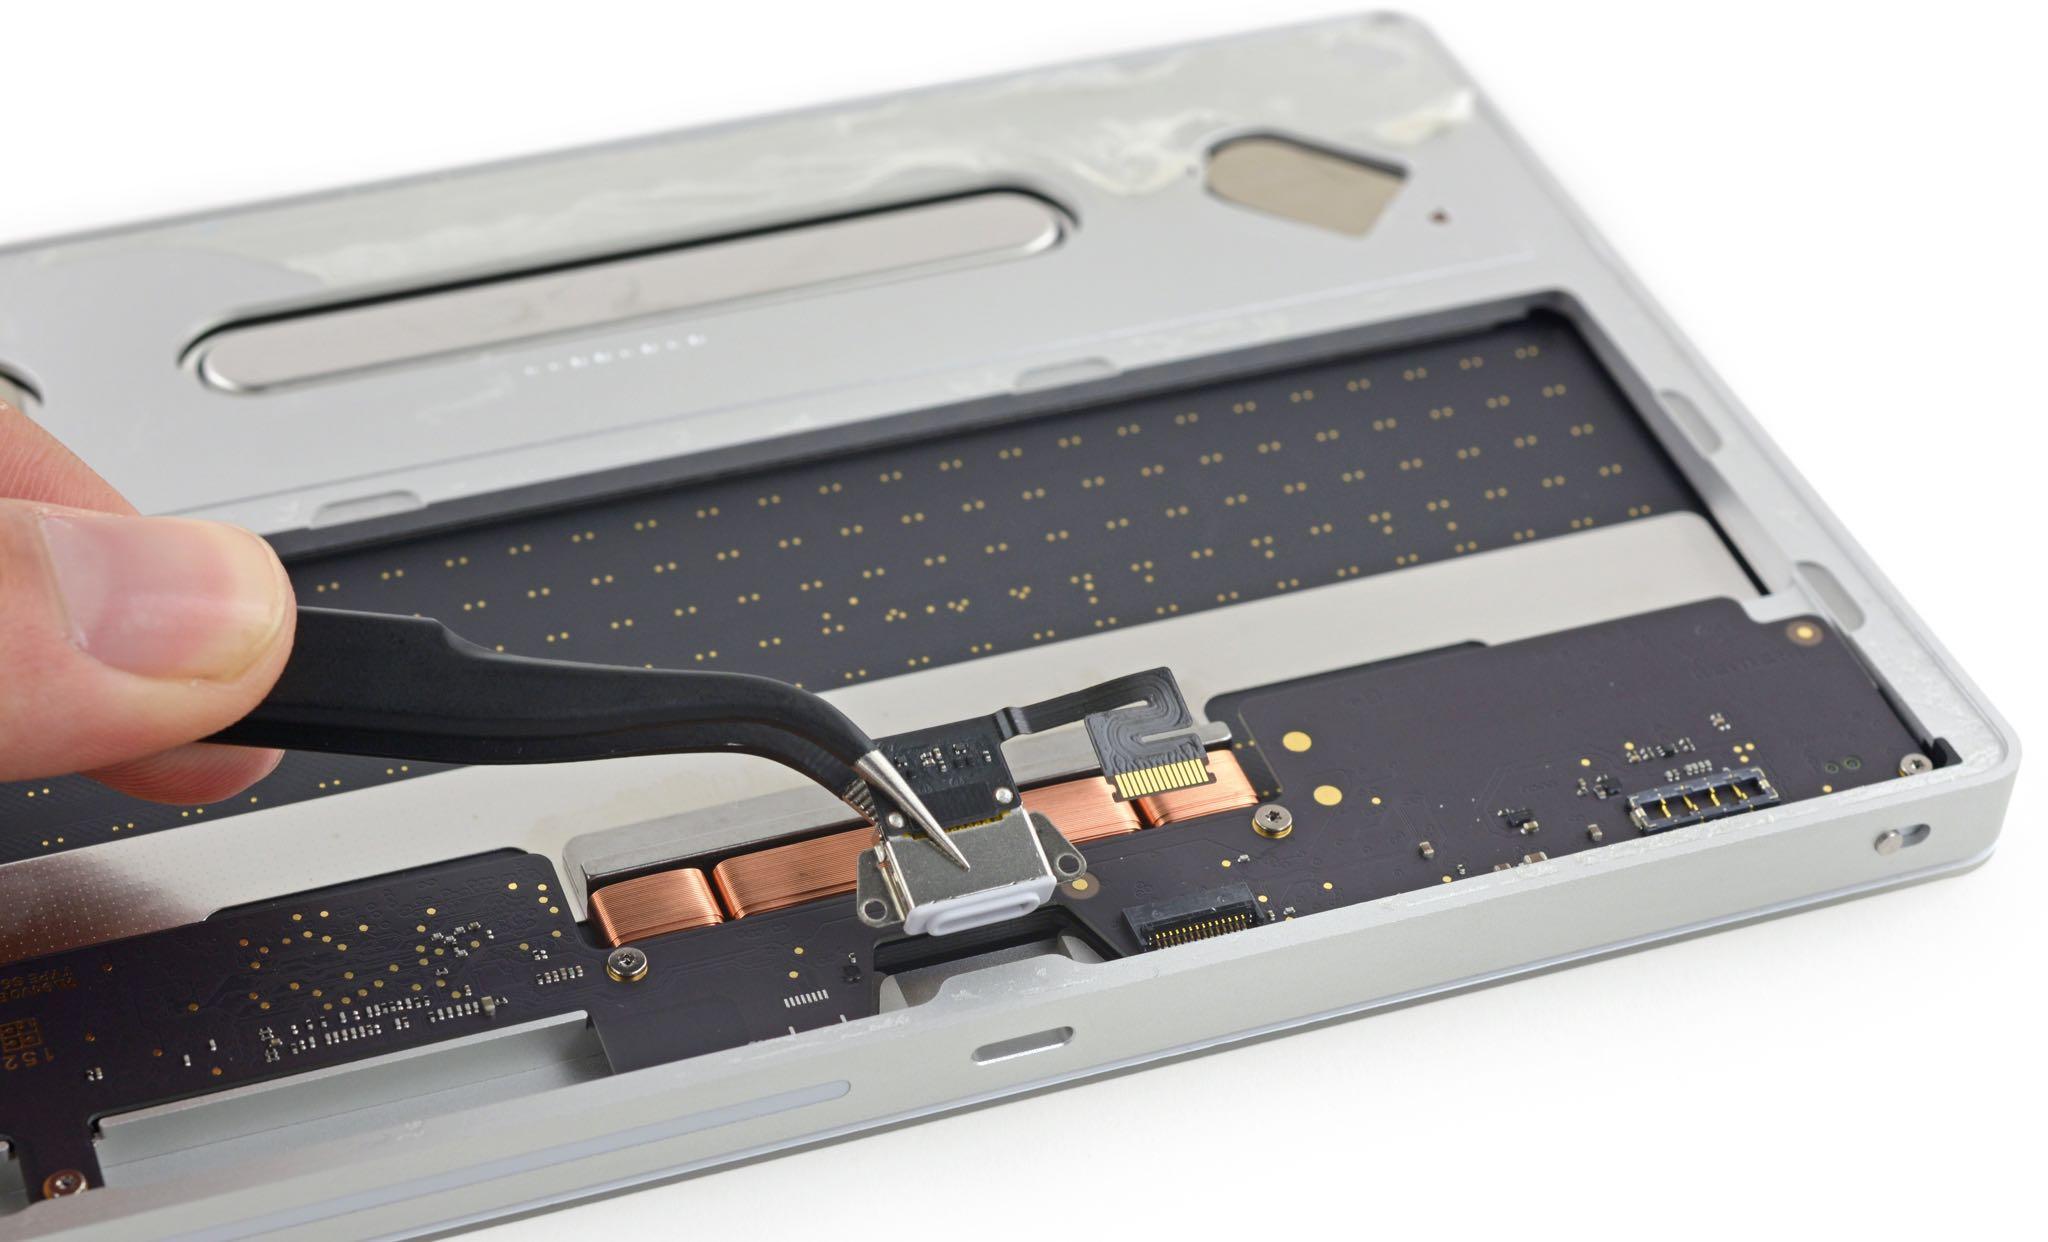 Magic Mouse Trackpad 2 teardown iFixit 004